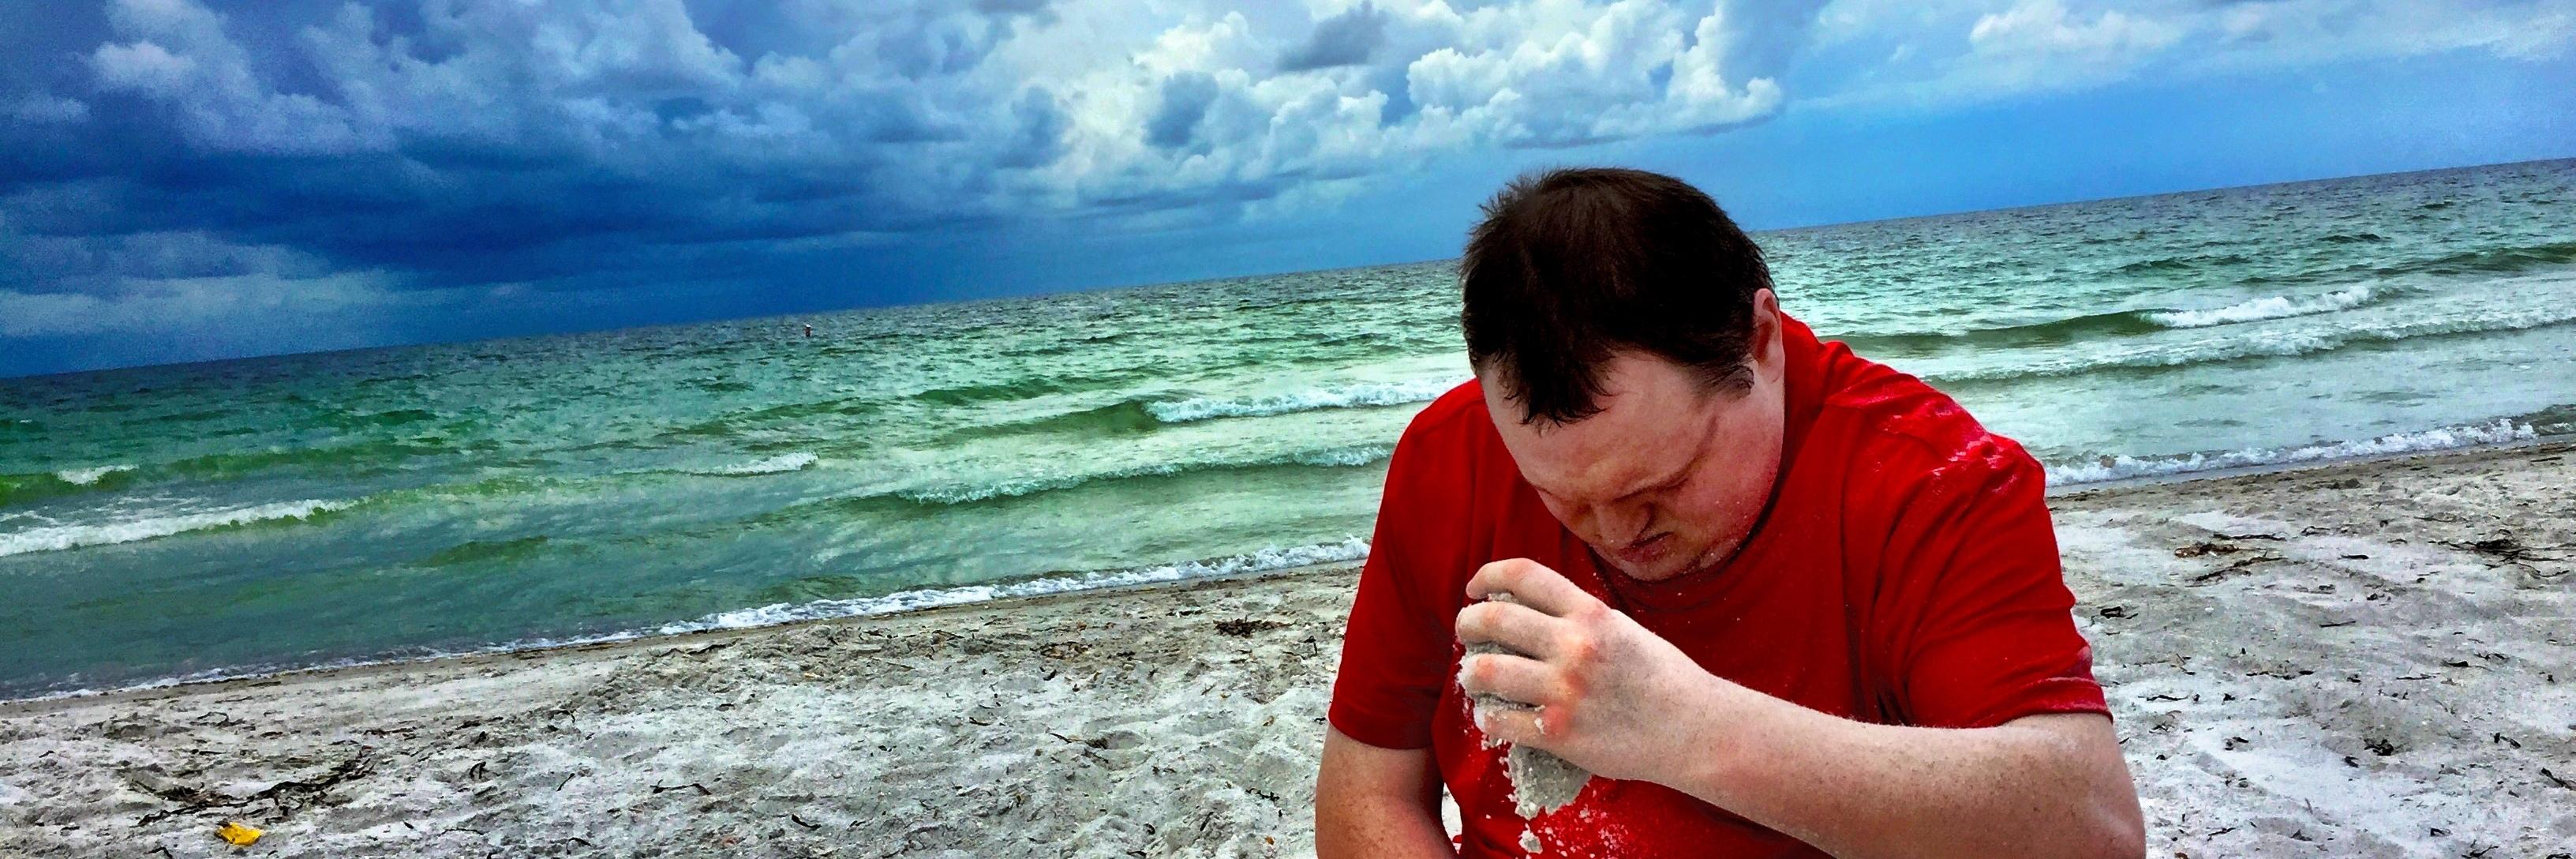 Matt on the beach.